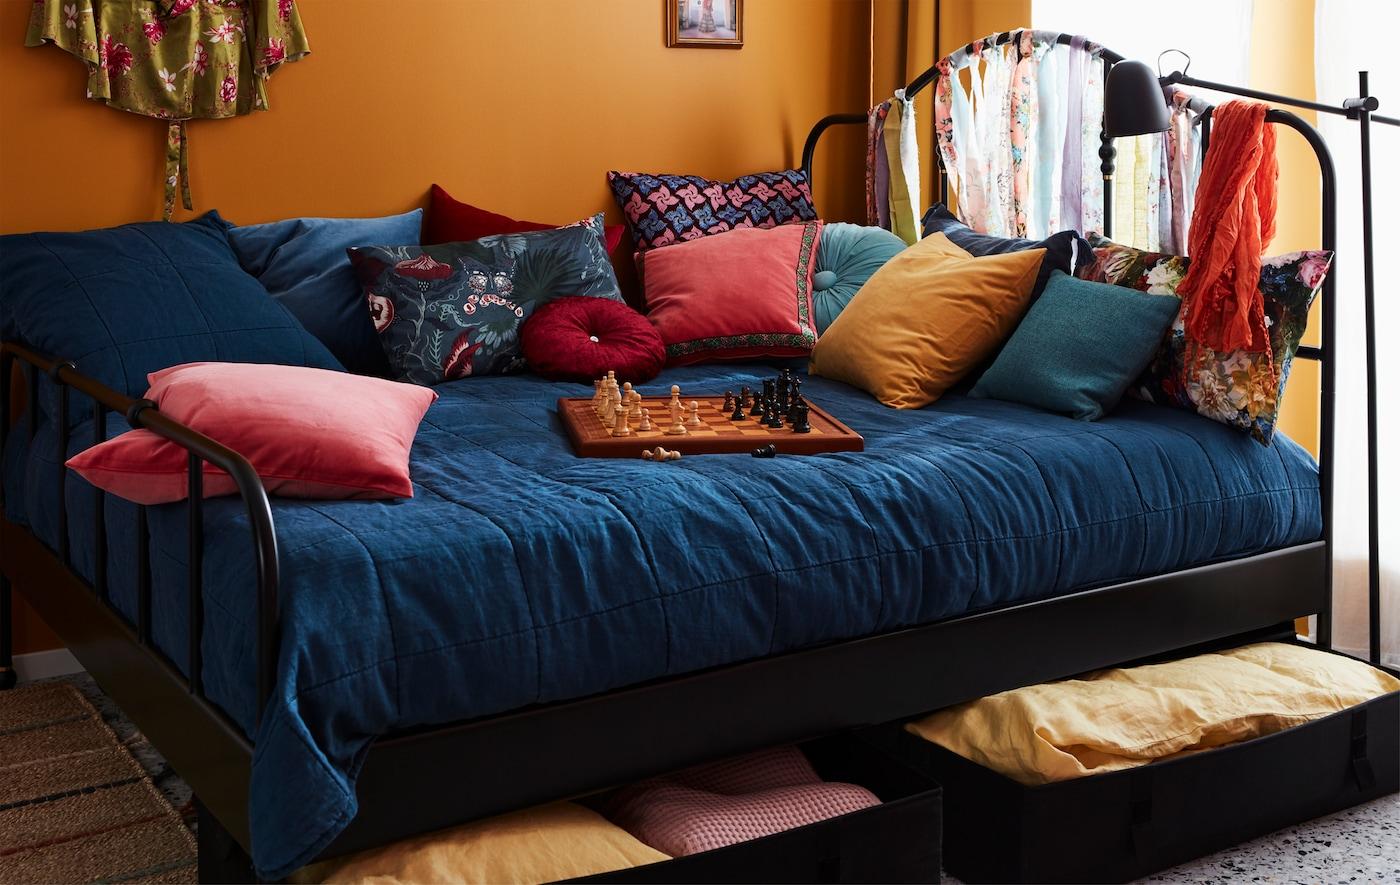 Un grand lit coloré sur lequel sont disposés beaucoup de coussins et un jeu d'échecs. Du linge de lit rangé dans des boîtes en dessous de celui-ci.